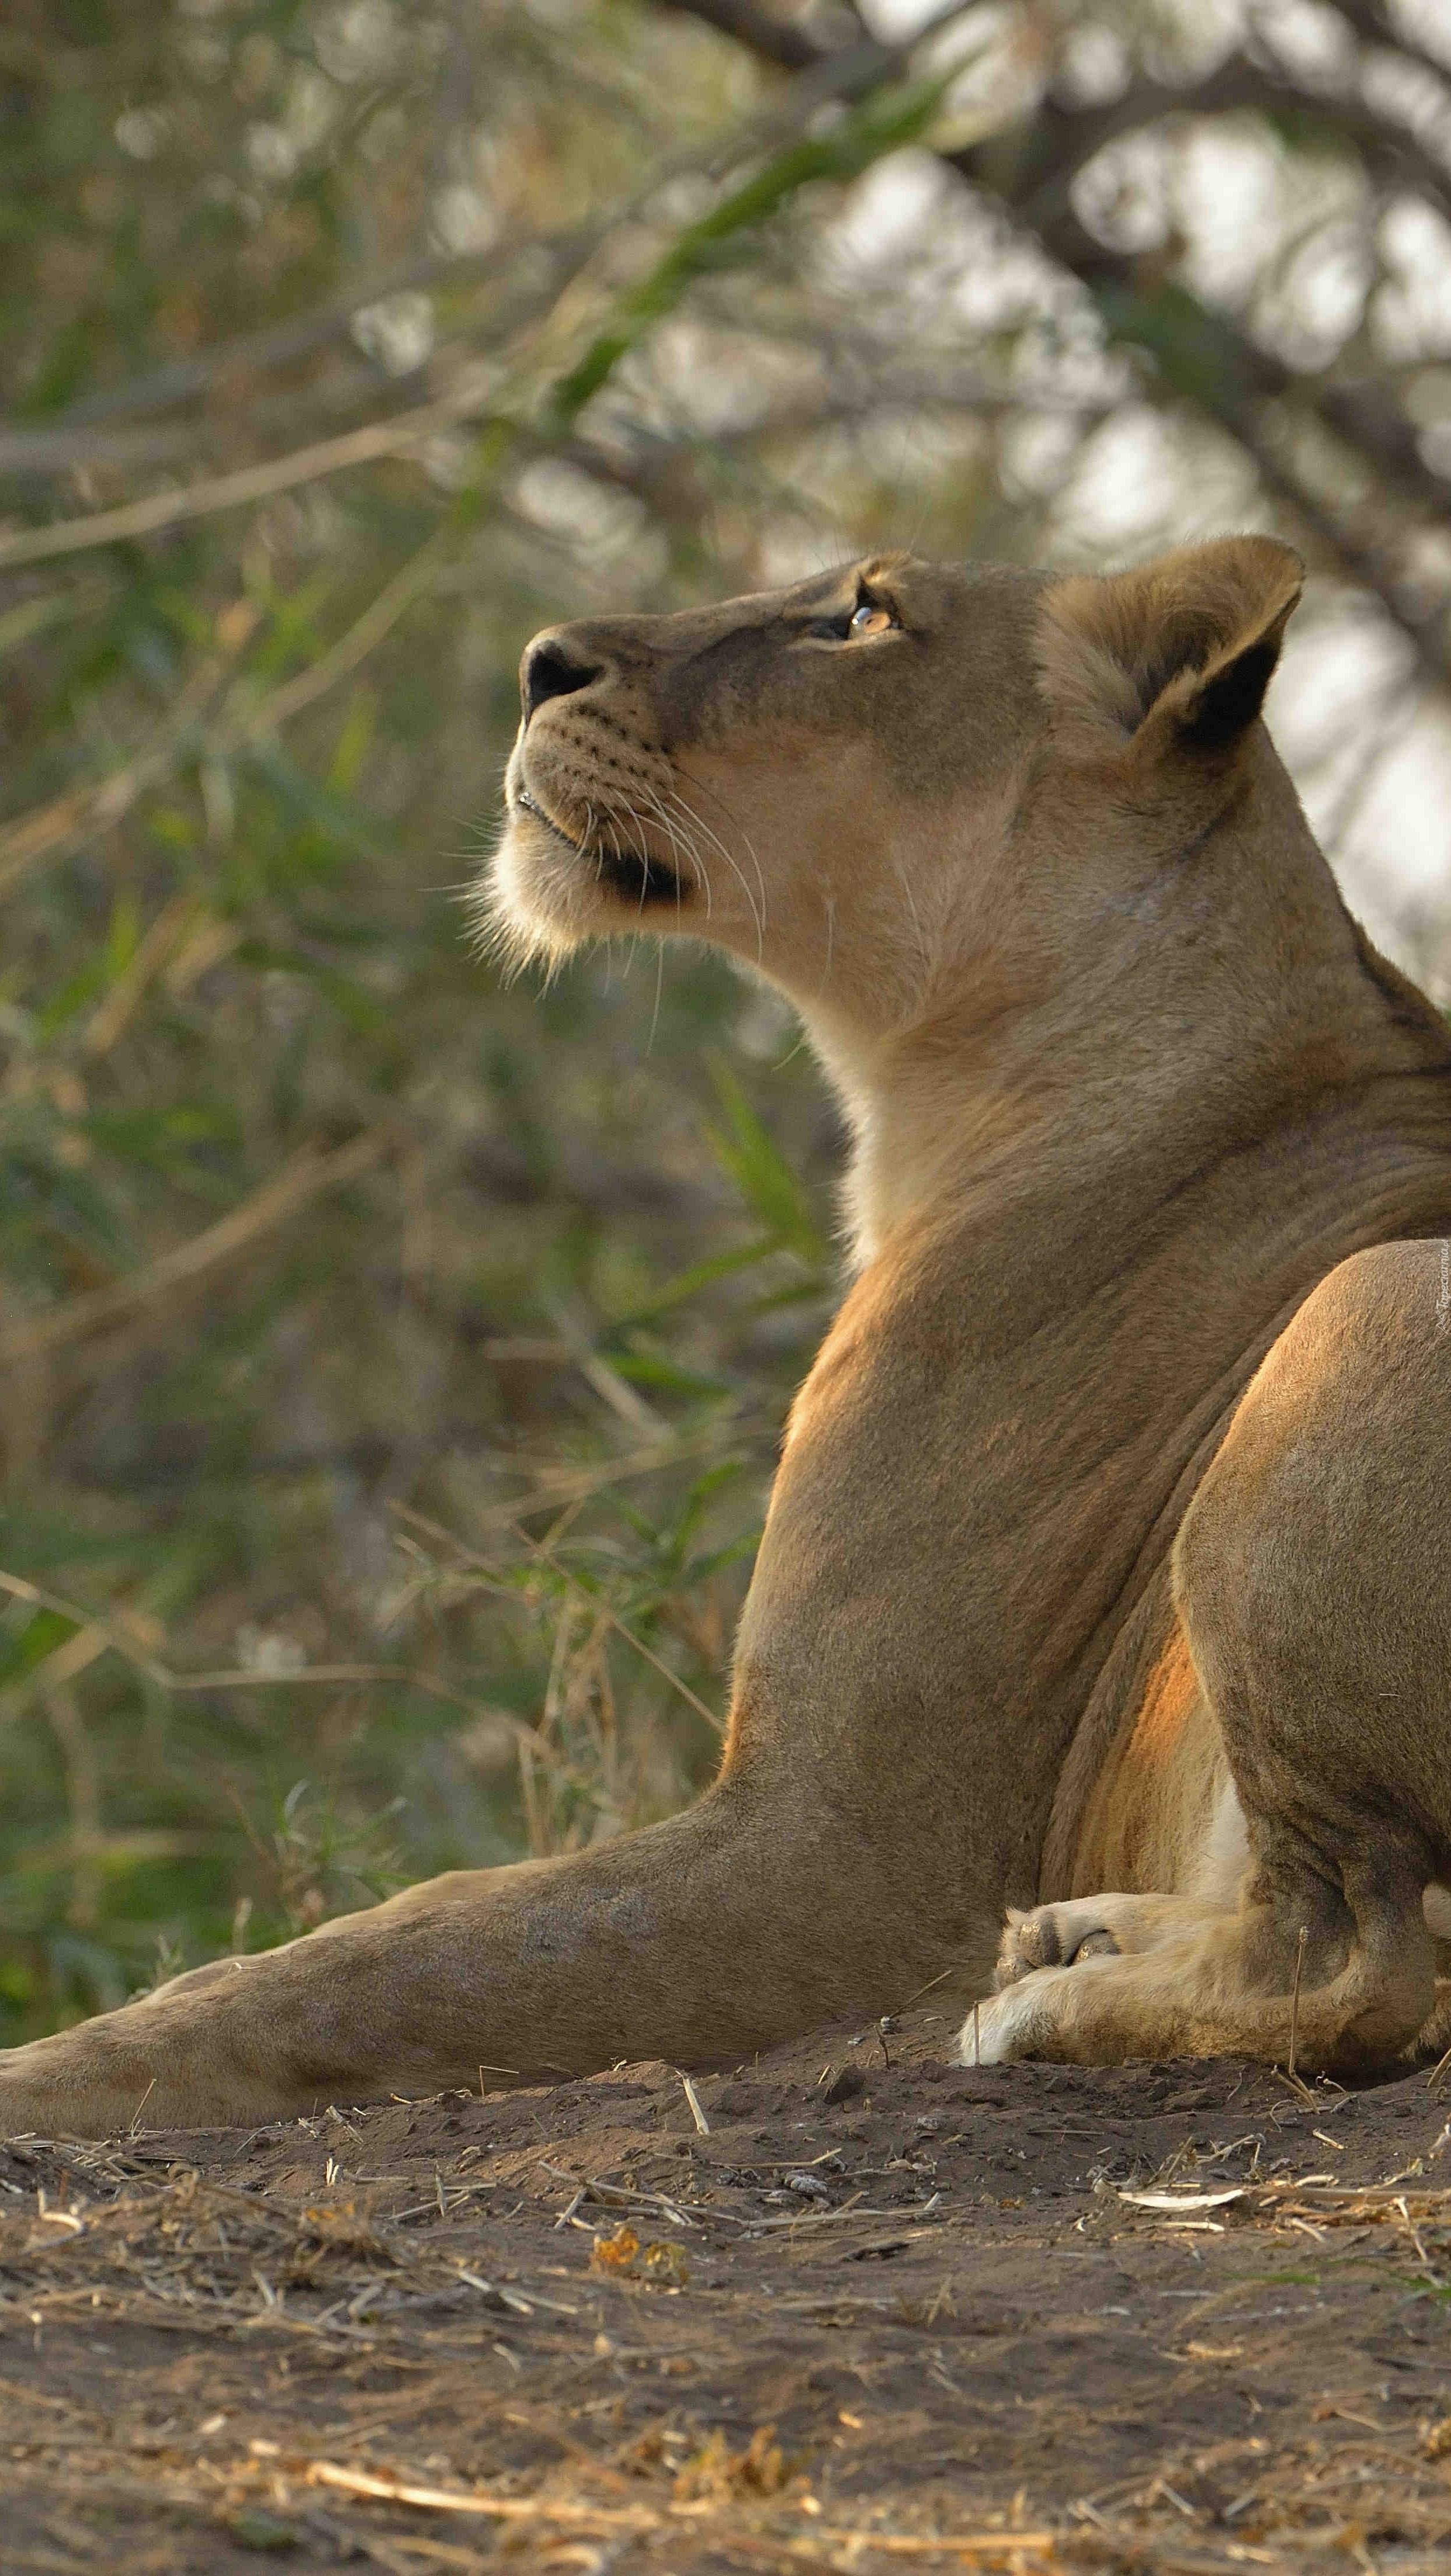 Leżąca lwica spoglądająca w górę